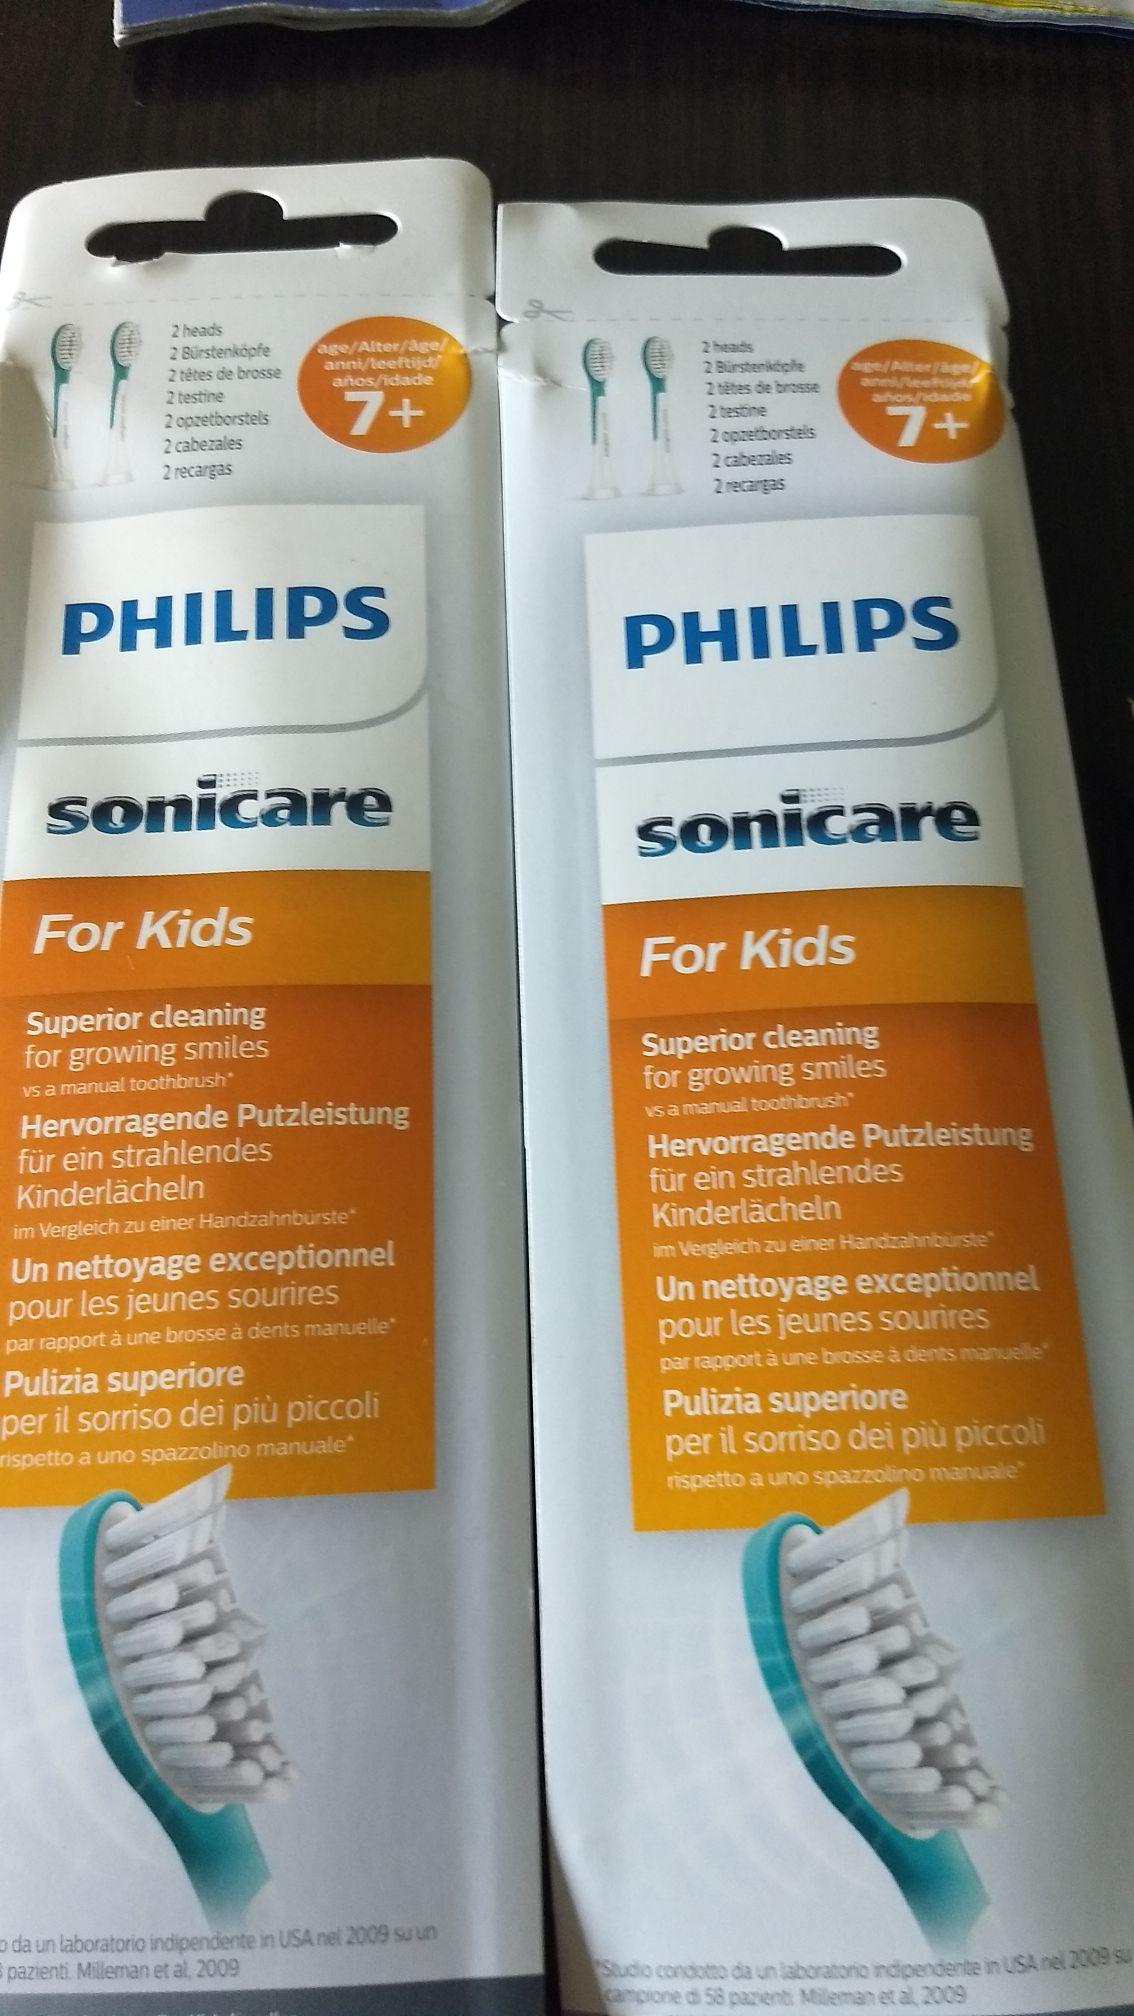 Philips Sonicare dla dzieci HX6042/33 cena regularna to 2 sztuka w cenie 49.99 a tu super w cenie 25.00 za opakowanie .